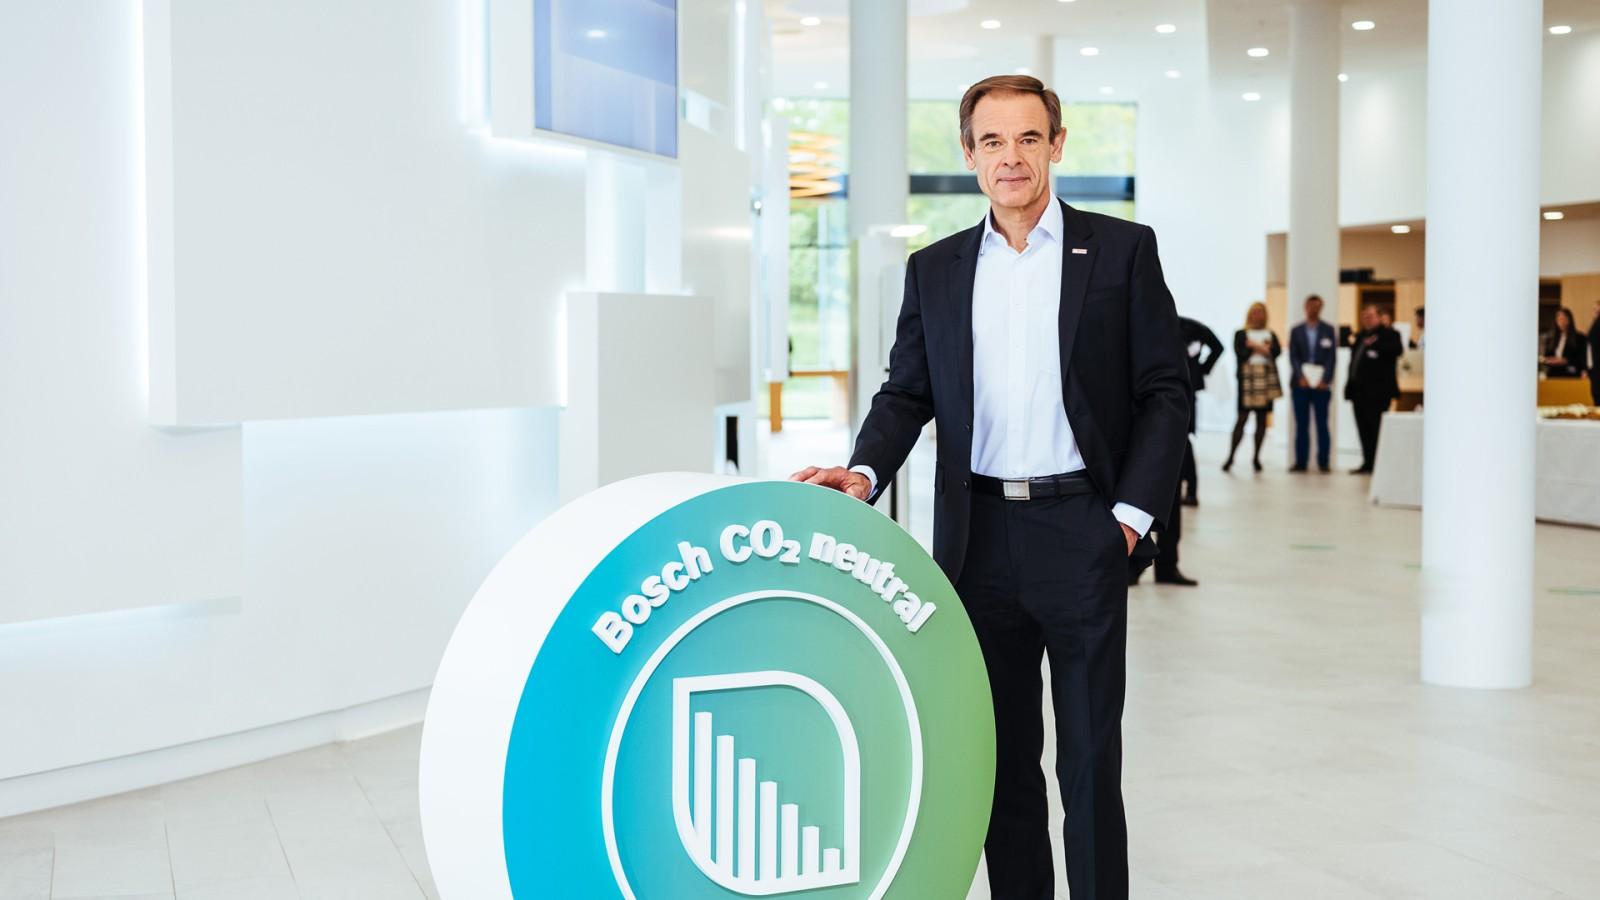 Masuri privind clima: Bosch va fi neutra din punct de vedere al emisiilor de carbon pana in 2020